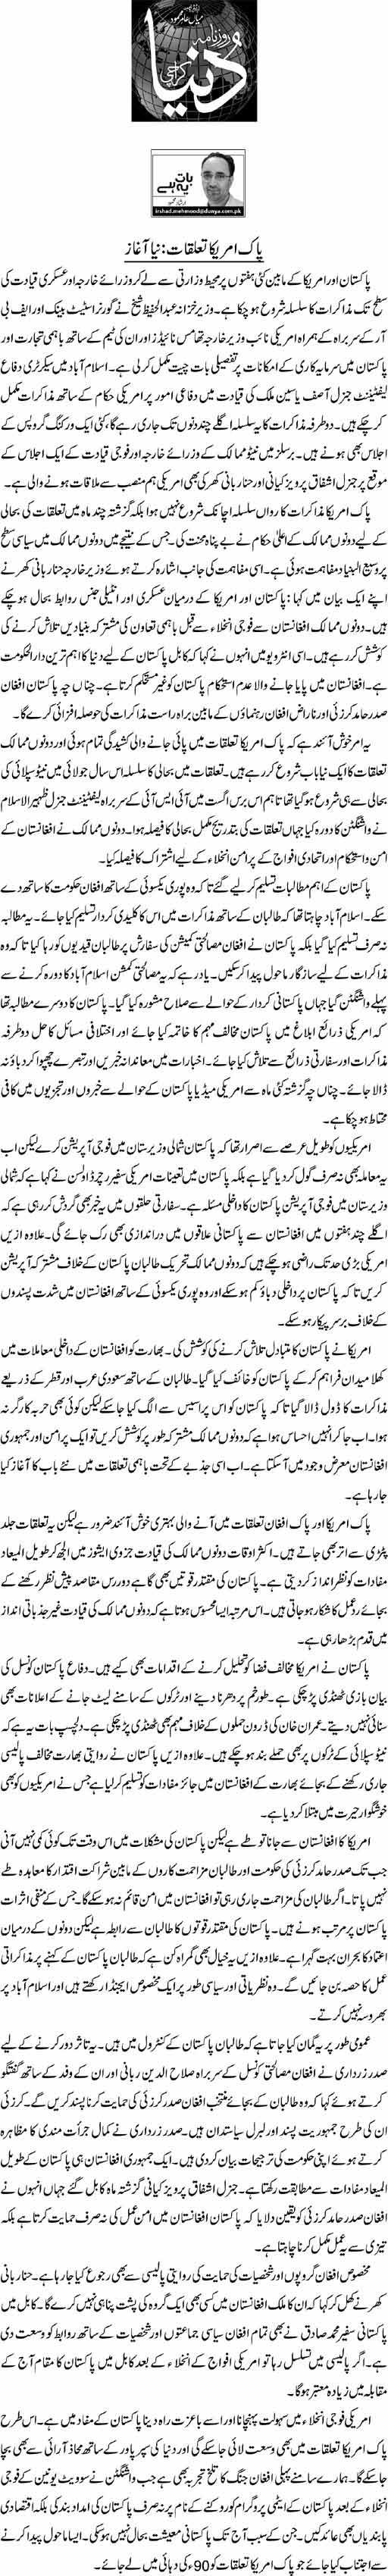 Pak America taallukat:Naya aghaz - Irshad Mehmood